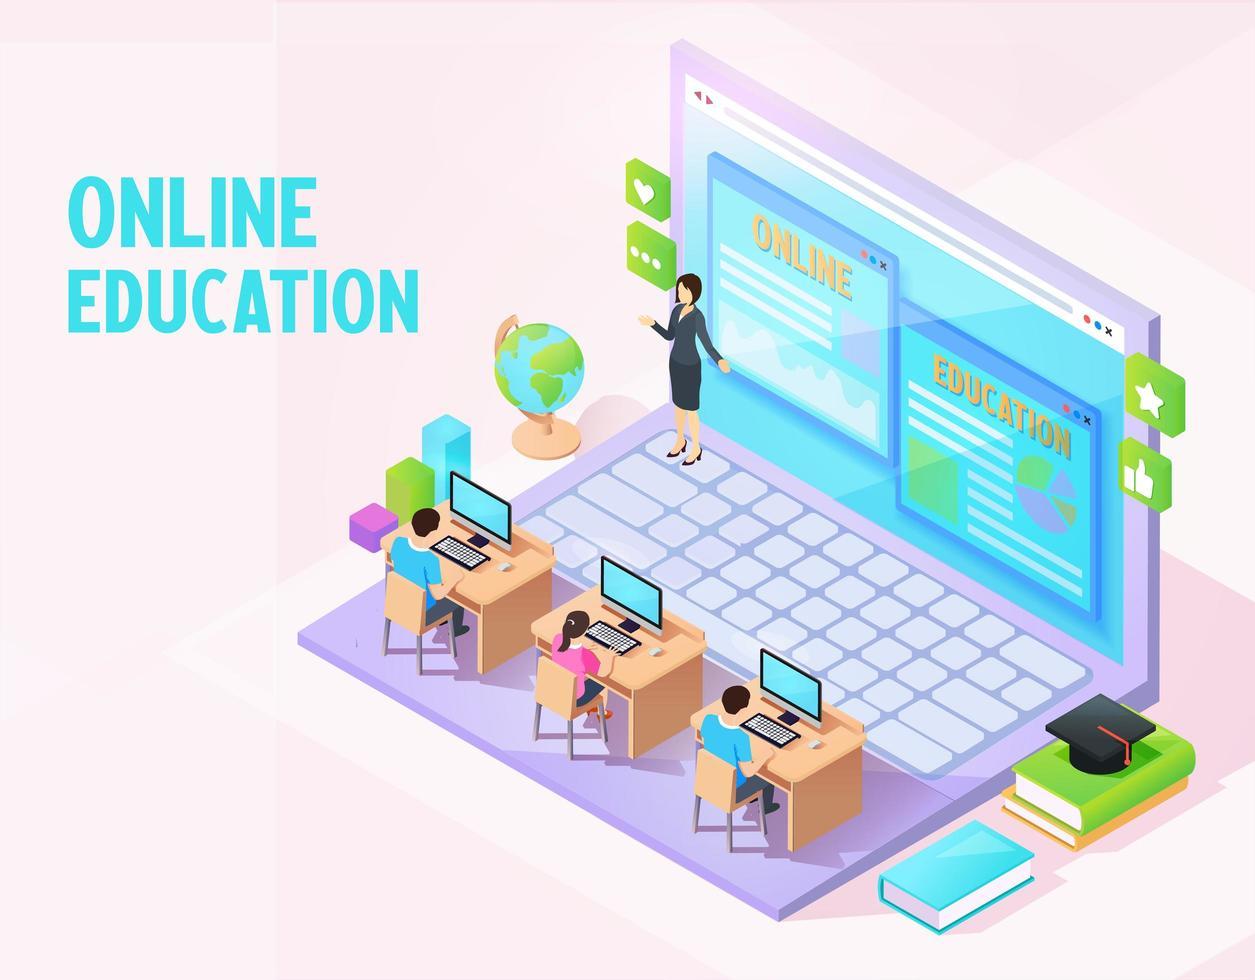 online-utbildning isometrisk koncept vektor